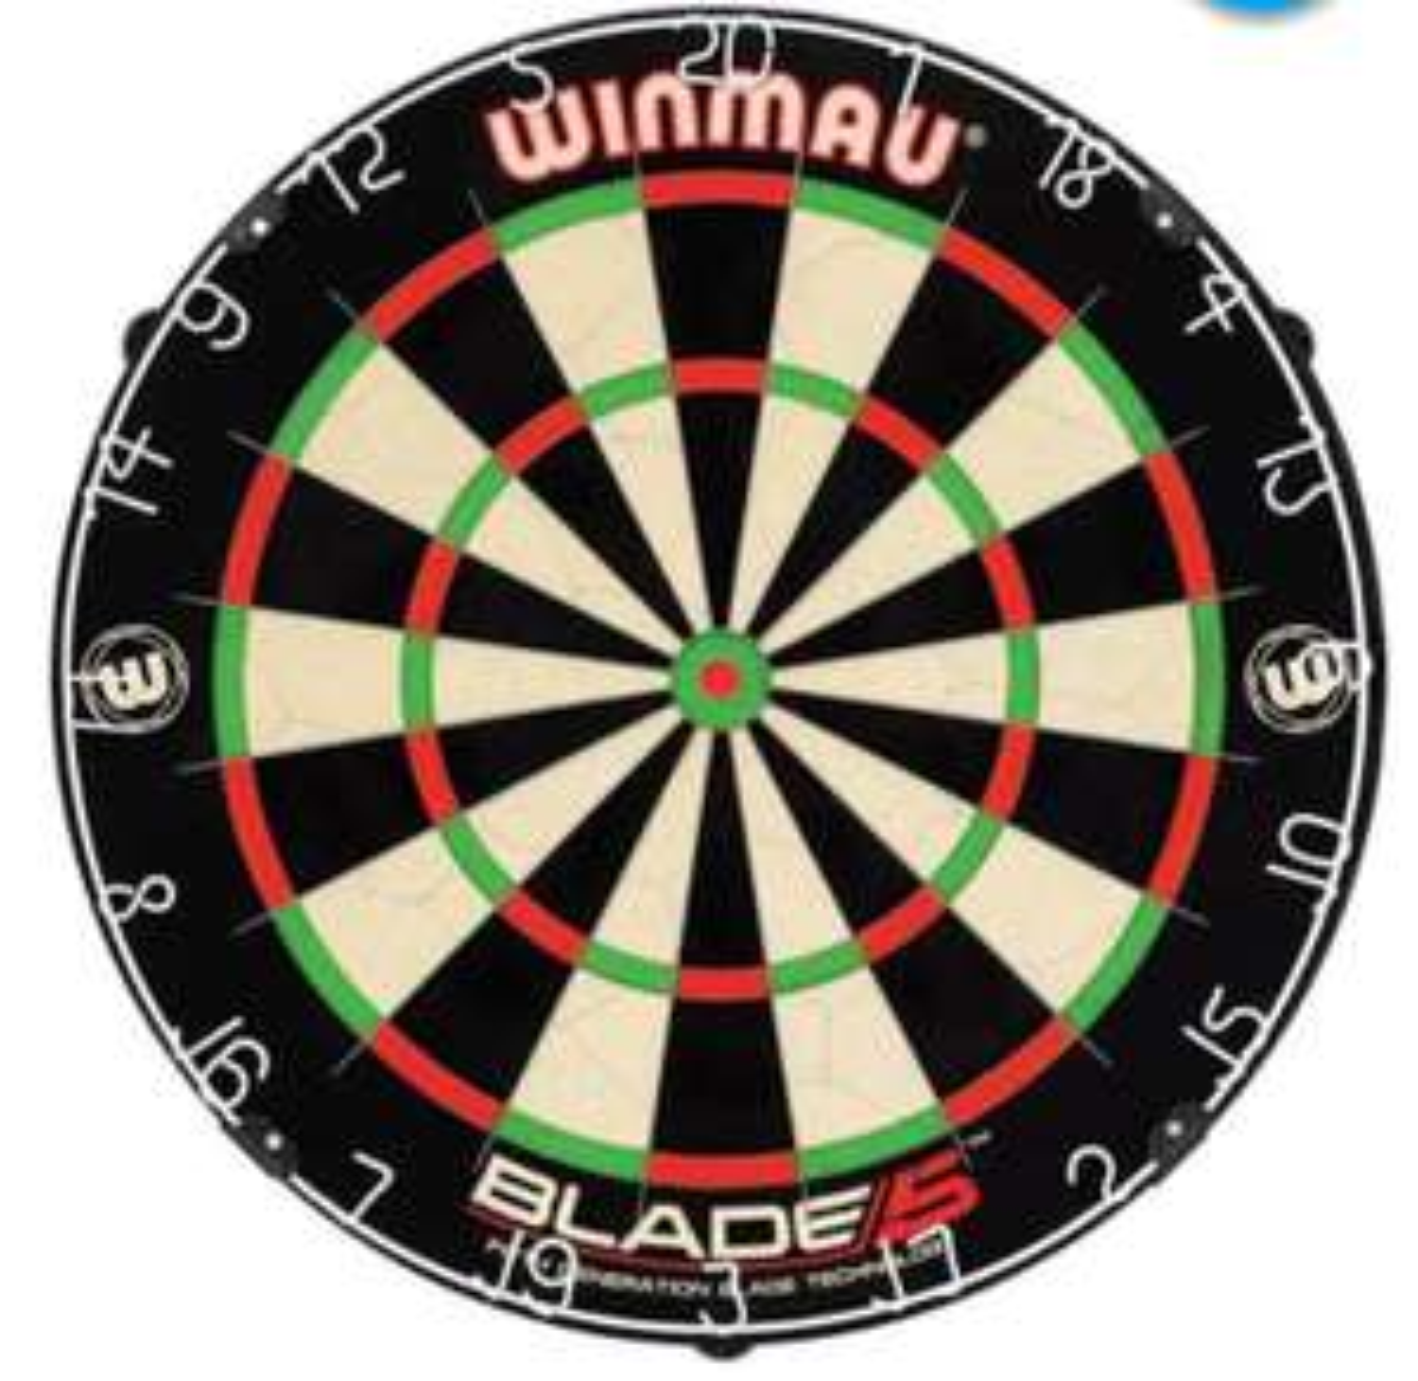 Winmau Blade 5 dart board £7 off £24.99 @ Argos